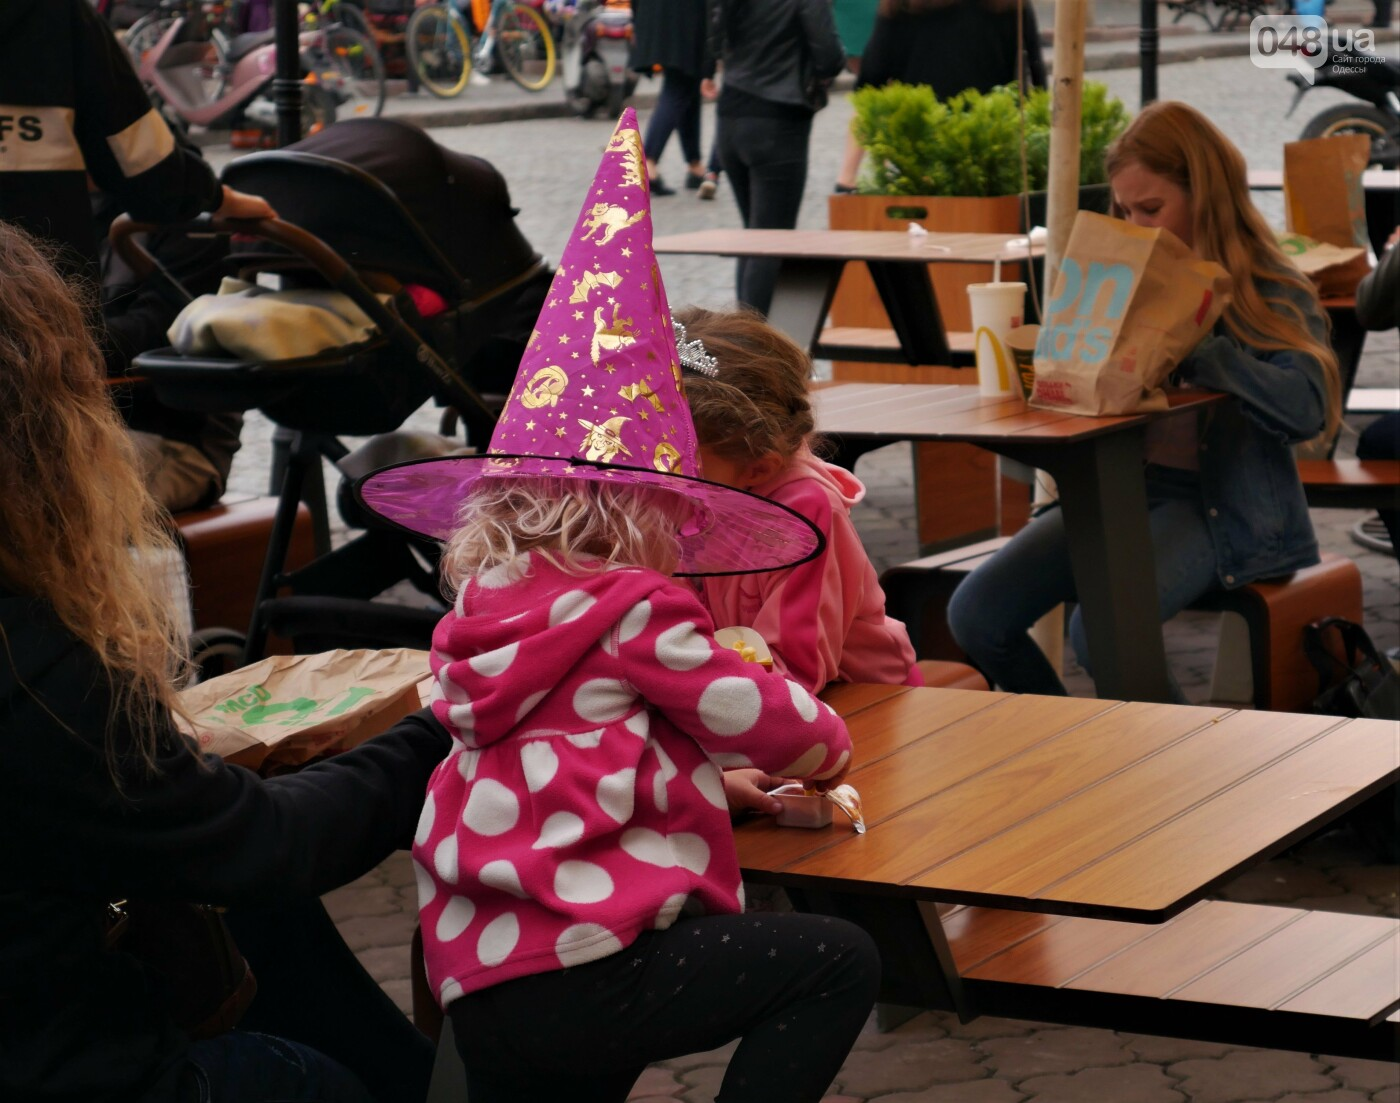 Фотопятница: улицы Одессы заполонили тыквы, - ФОТОРЕПОРТАЖ, фото-23